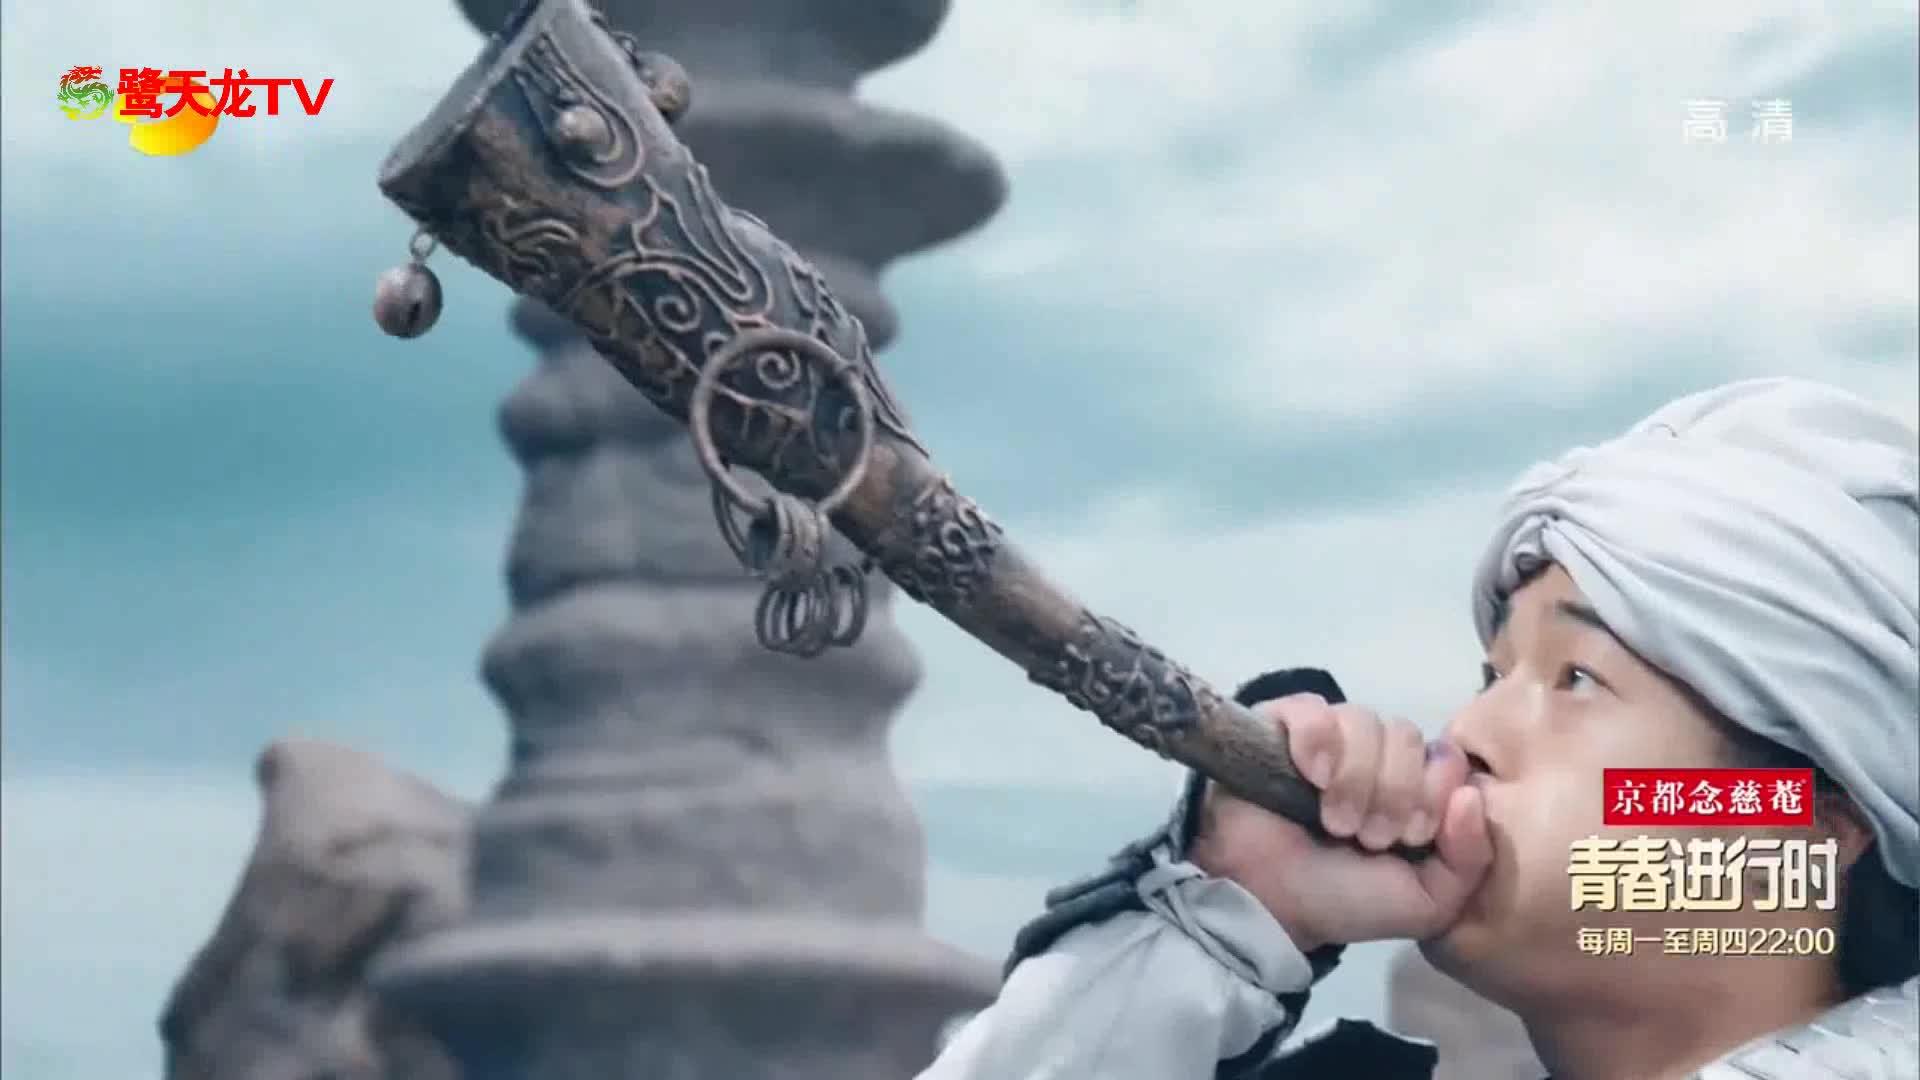 吴居蓝看到族人被杀悲愤不已 鲛族遭重创誓要复仇!